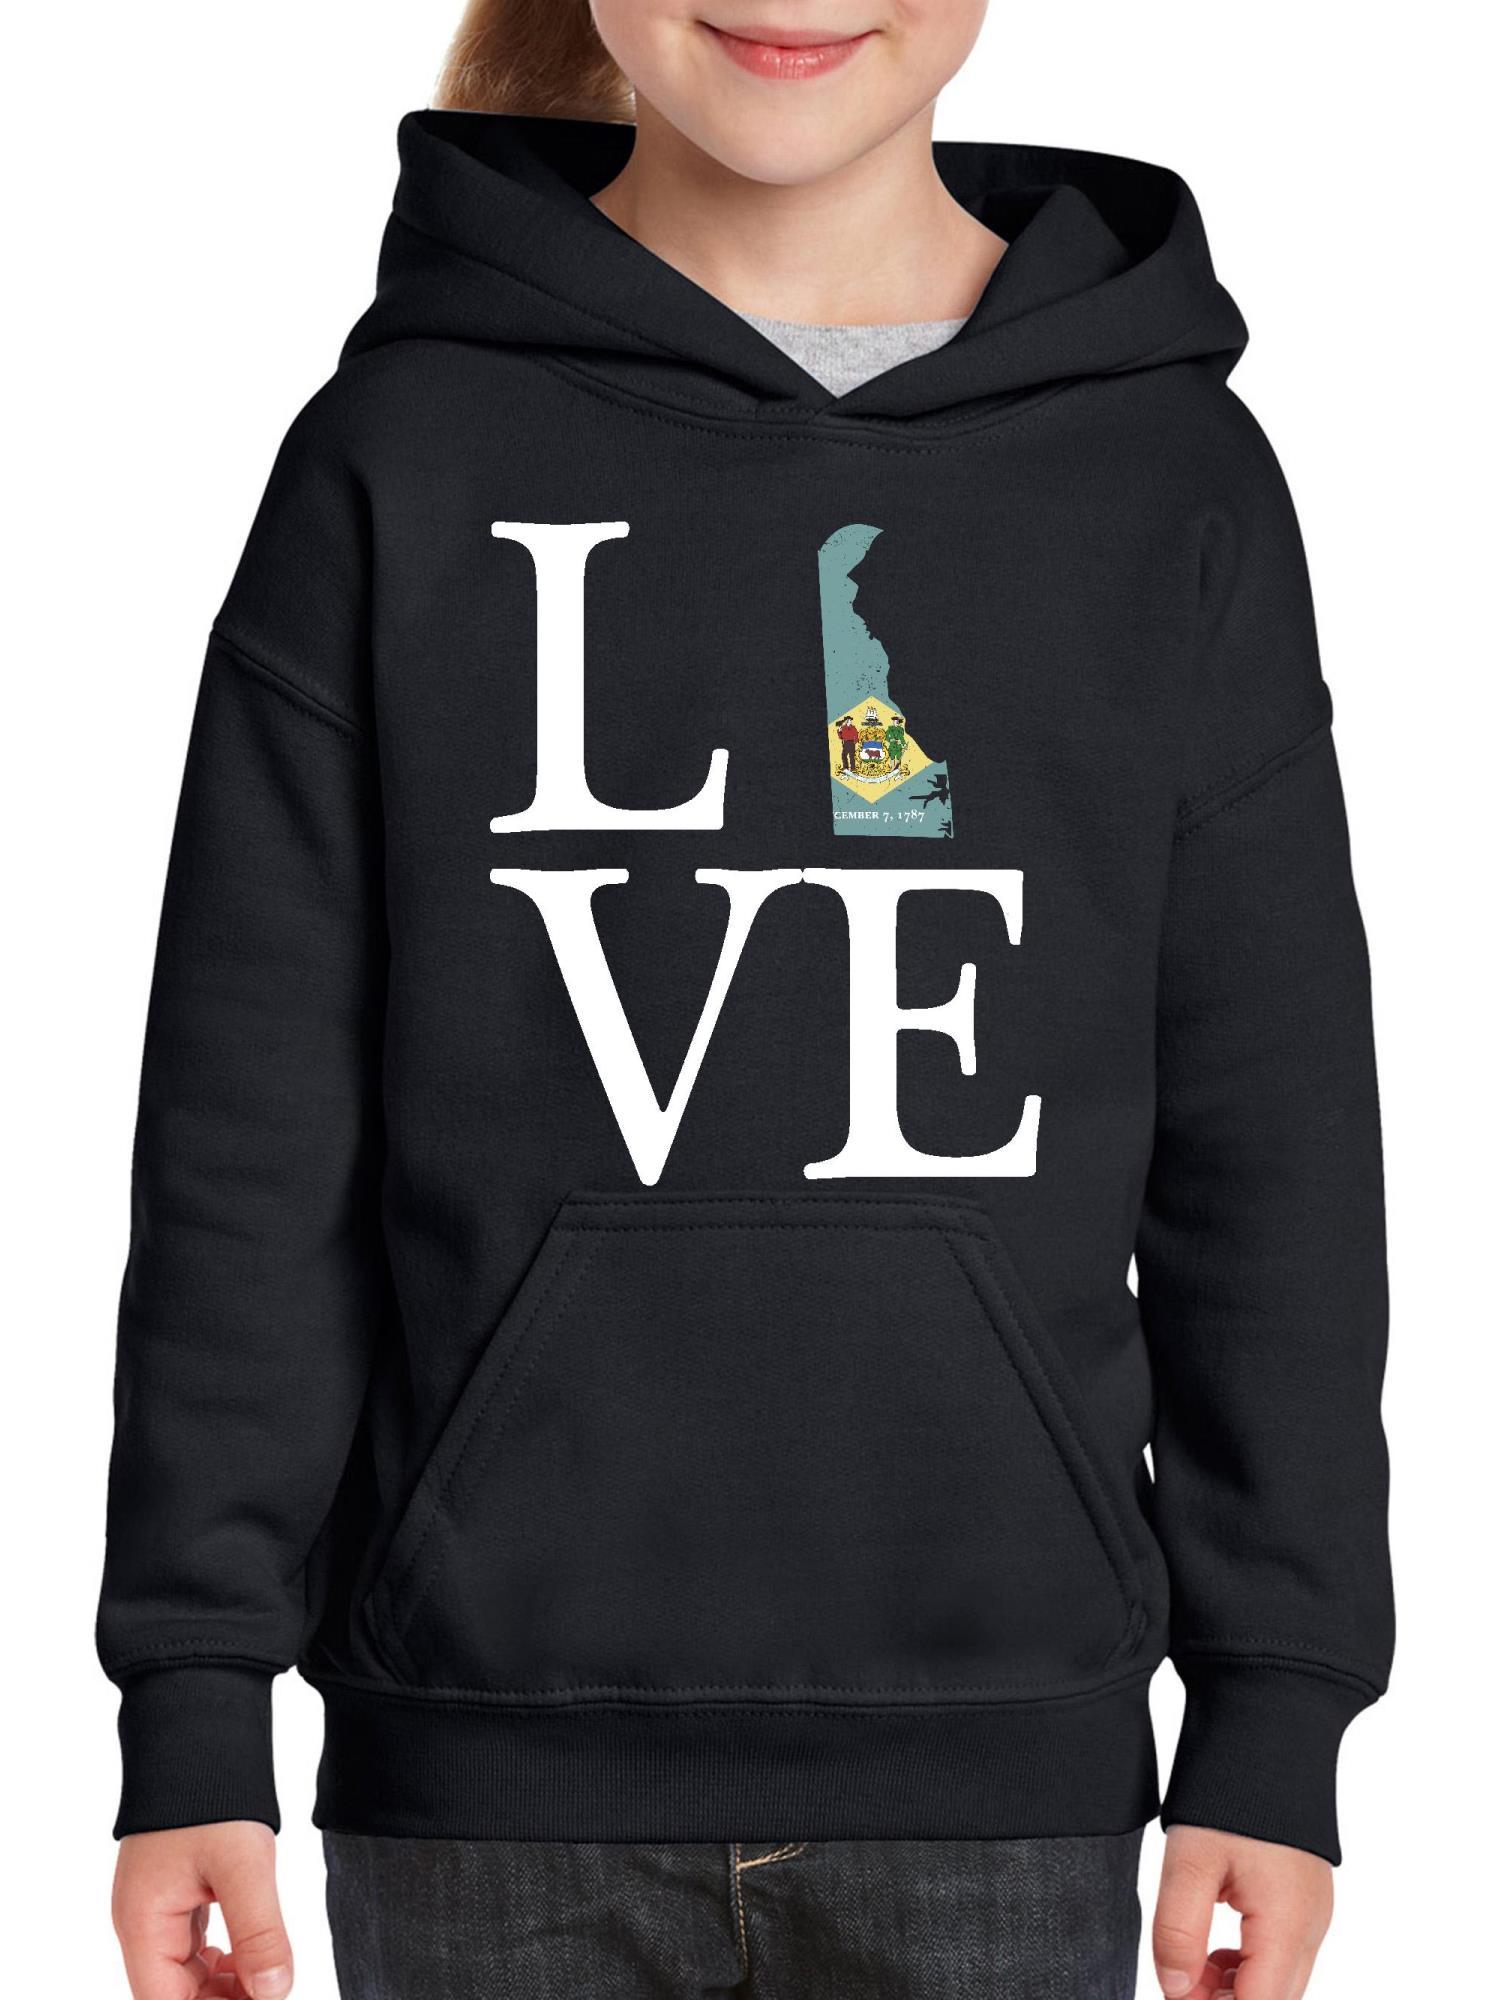 Love Delaware Youth Hoodie Hooded Sweatshirt